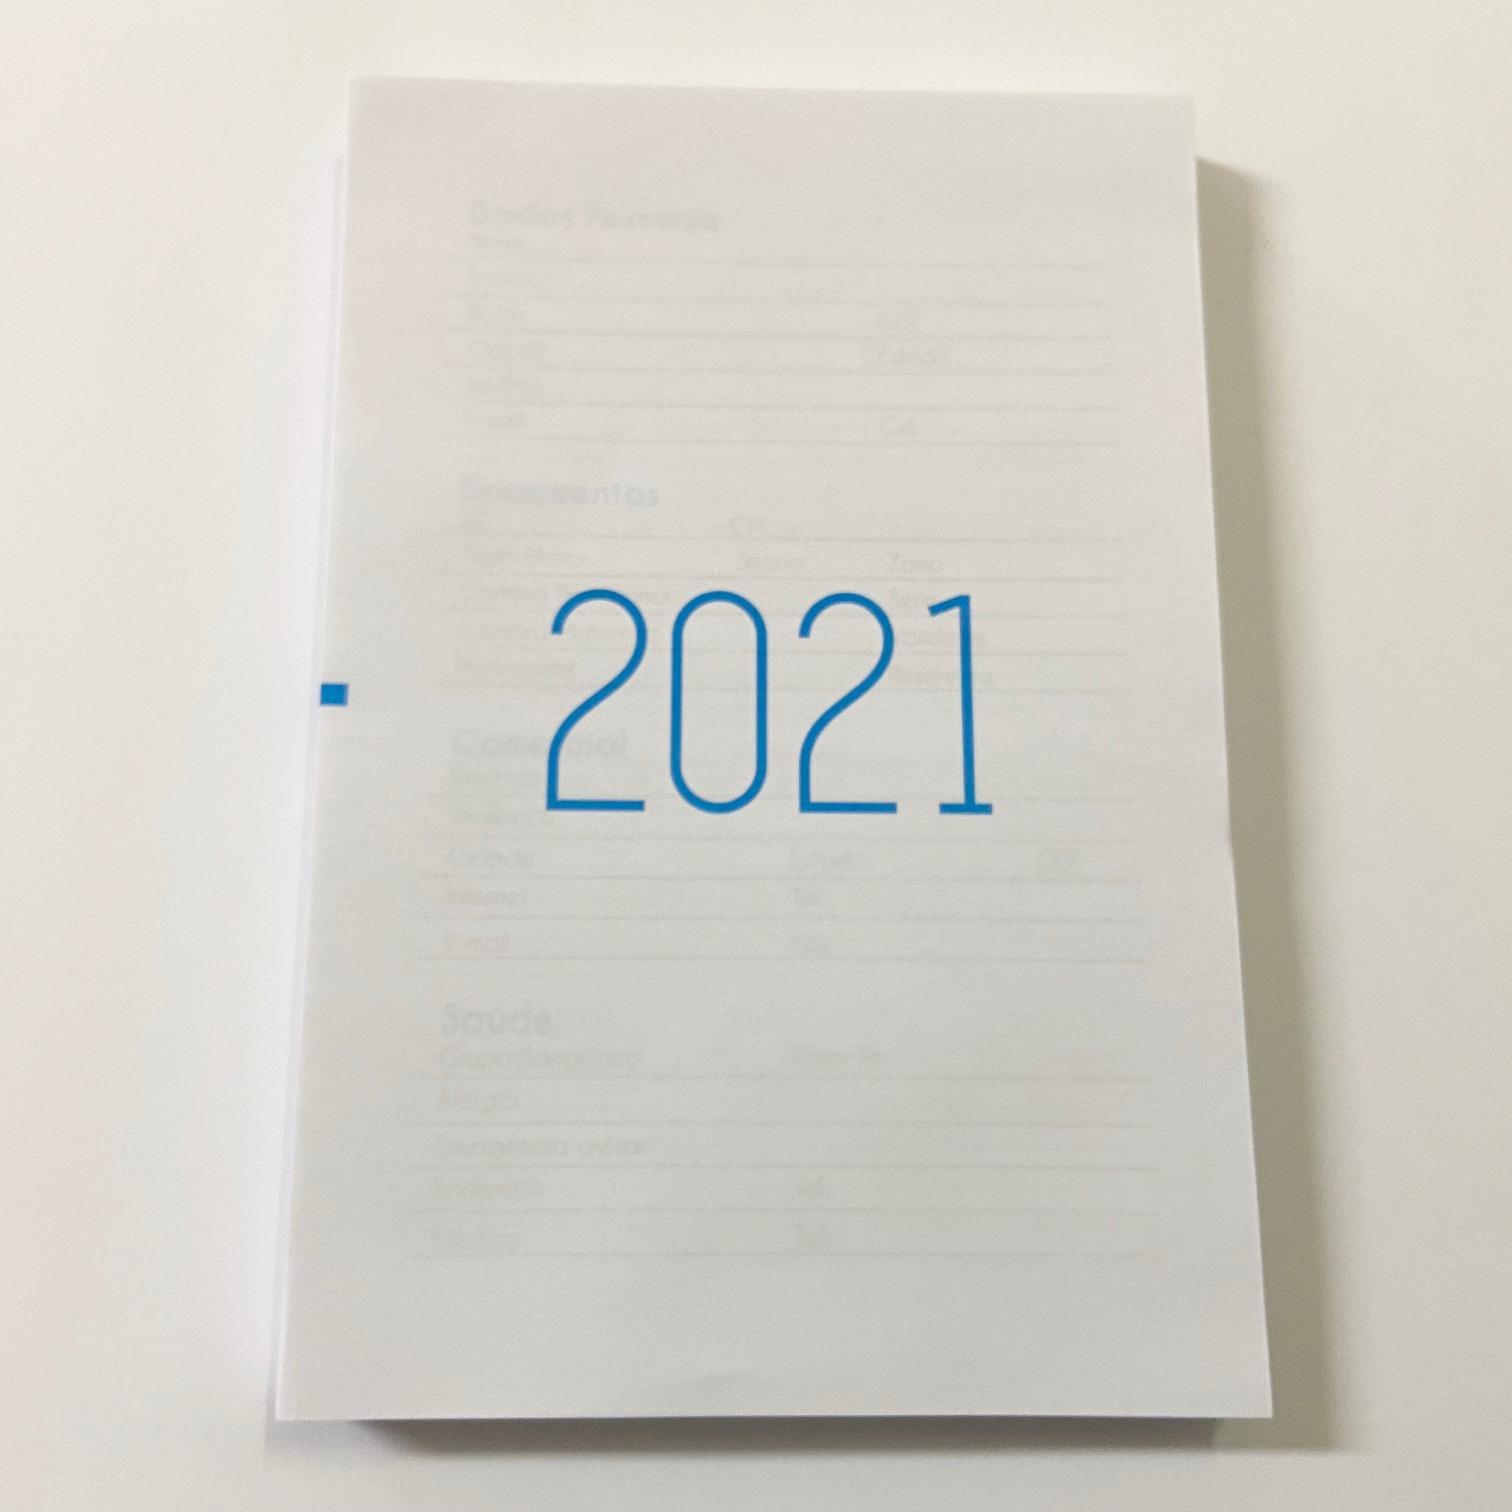 Kit para Agenda 2021 c/ Miolo Azul + 2x Luva e 1x Canguru (Sem Furação)